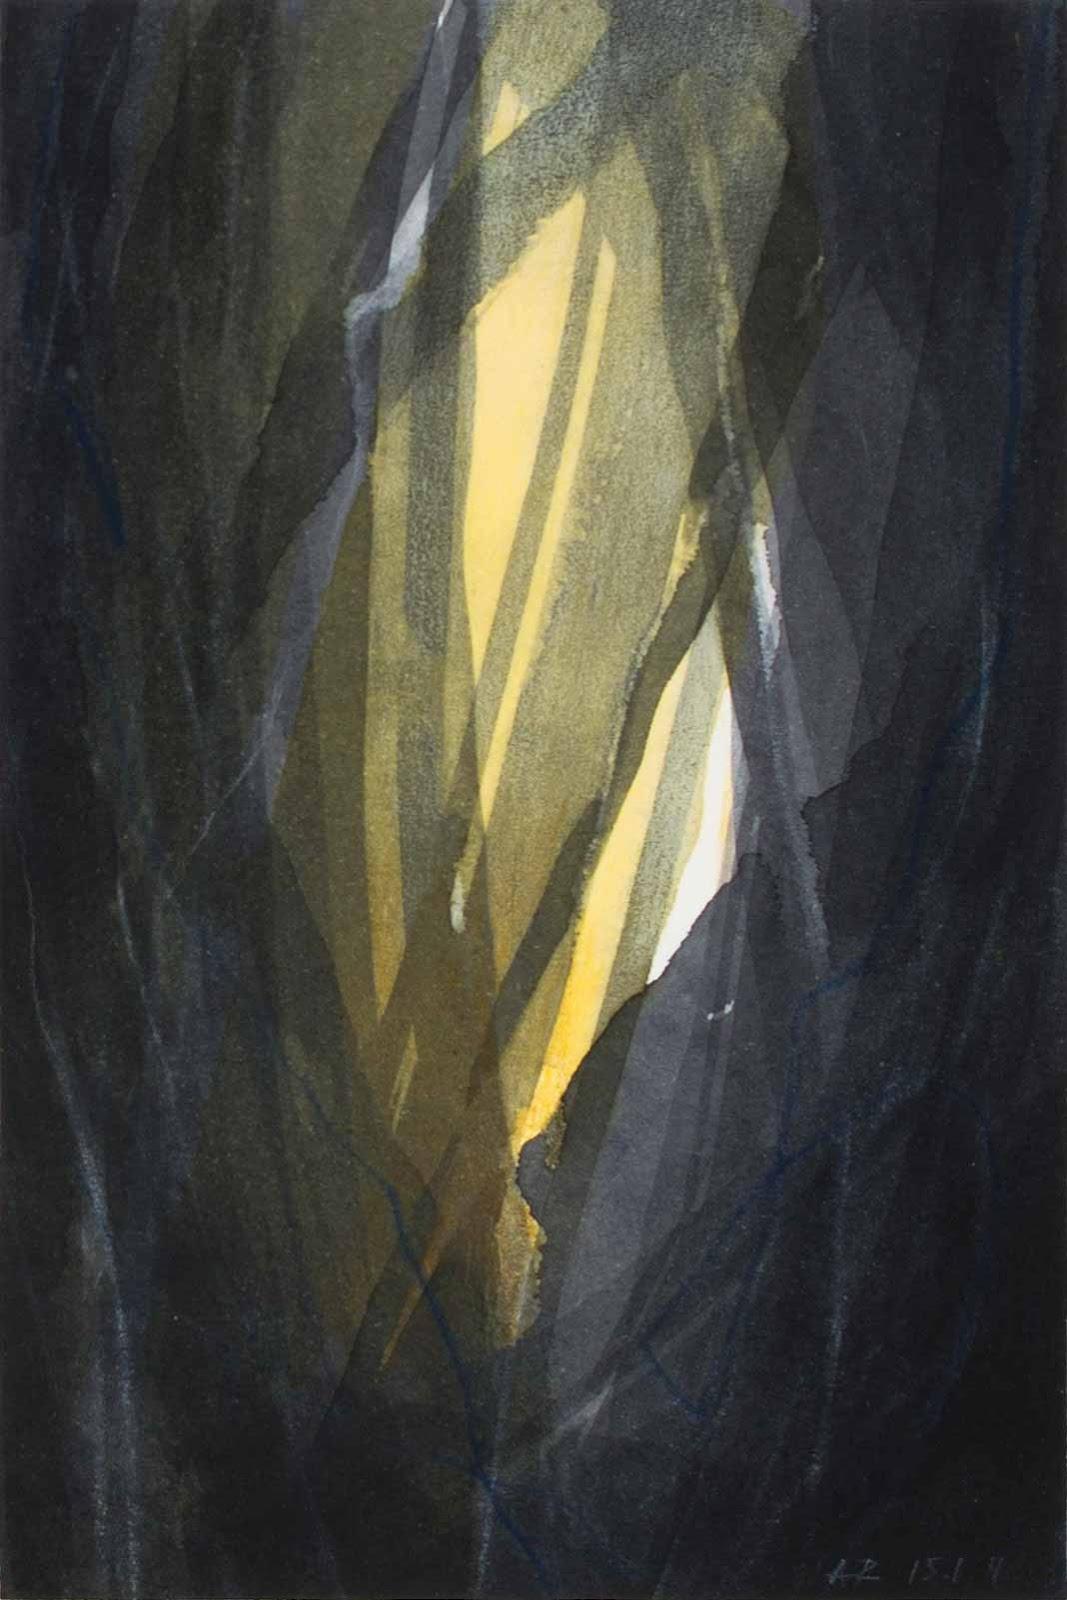 9 x 13 cm, aquarelle et encre sur papier